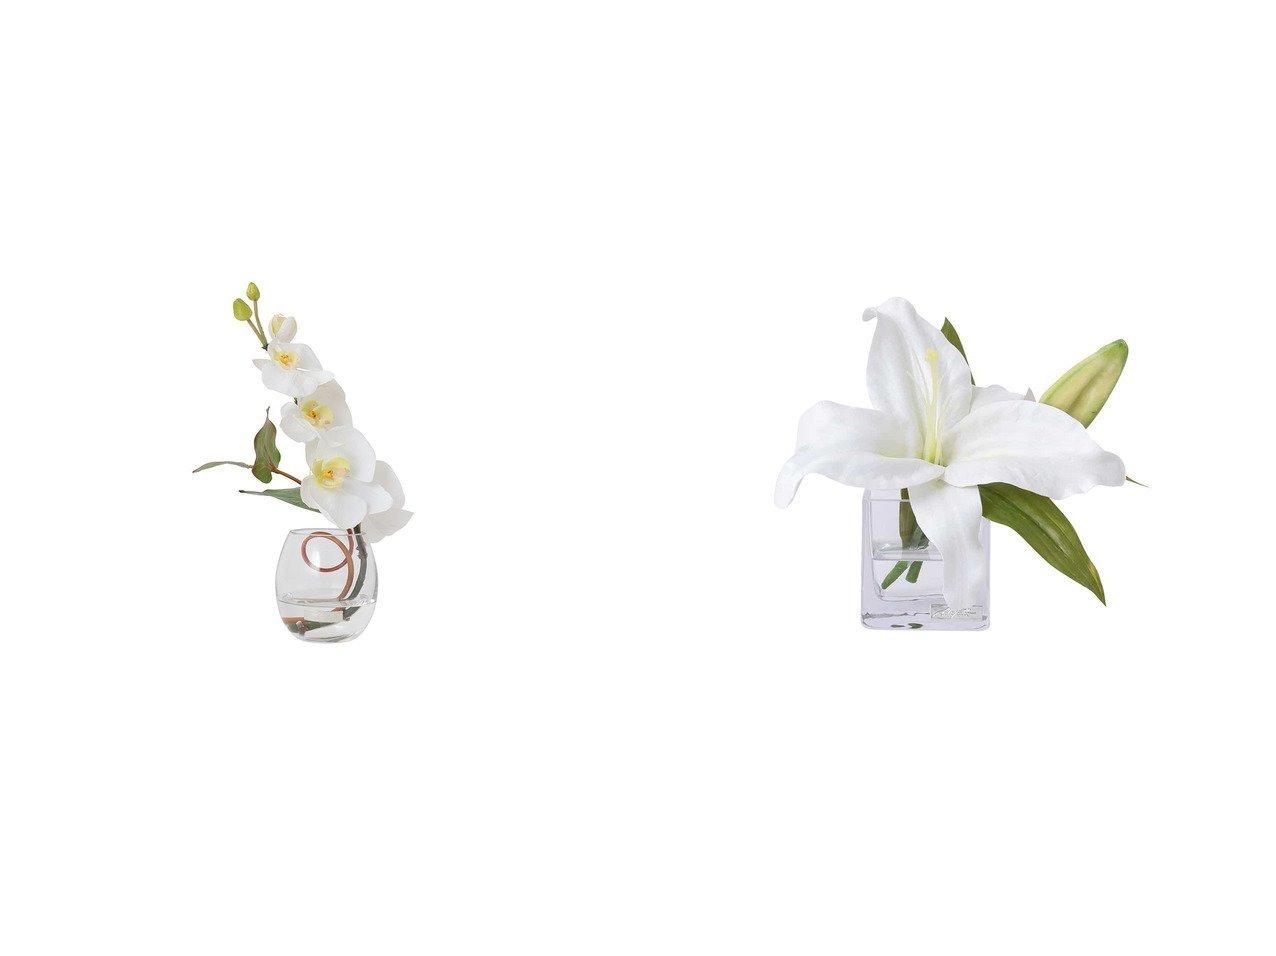 【EMILIO ROBBA/エミリオロバ】のファレノプシス #103123&カサブランカ #103111 【FURNITURE 花瓶・フラワーベース】おすすめ!人気、インテリア雑貨・家具の通販 おすすめで人気の流行・トレンド、ファッションの通販商品 インテリア・家具・メンズファッション・キッズファッション・レディースファッション・服の通販 founy(ファニー) https://founy.com/ エレガント コレクション シリコン リーフ フラワー モダン  ID:crp329100000052378